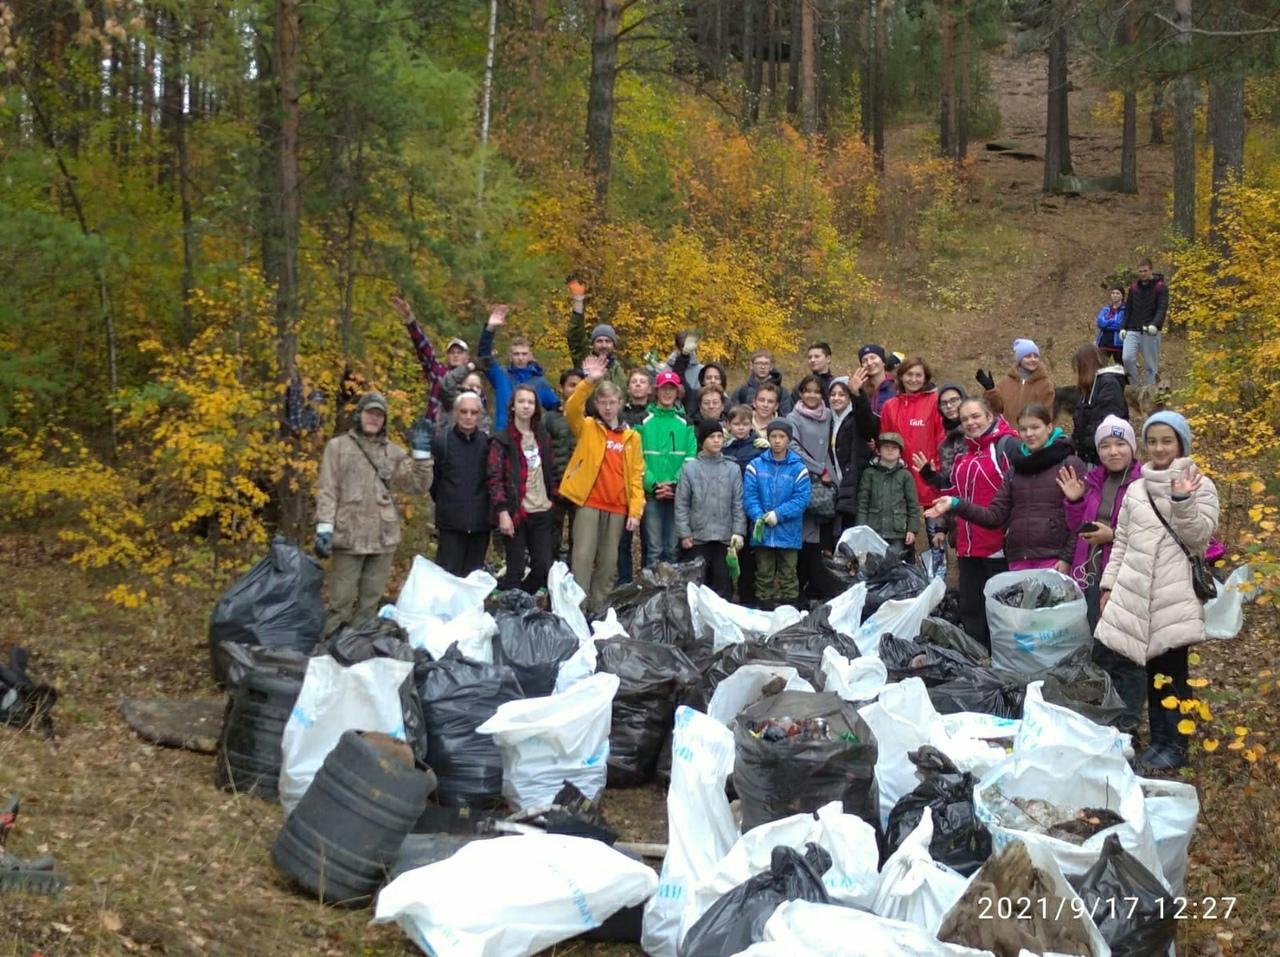 В рамках празднования Всемирного дня чистоты в московском регионе состоится более 40 мероприятий